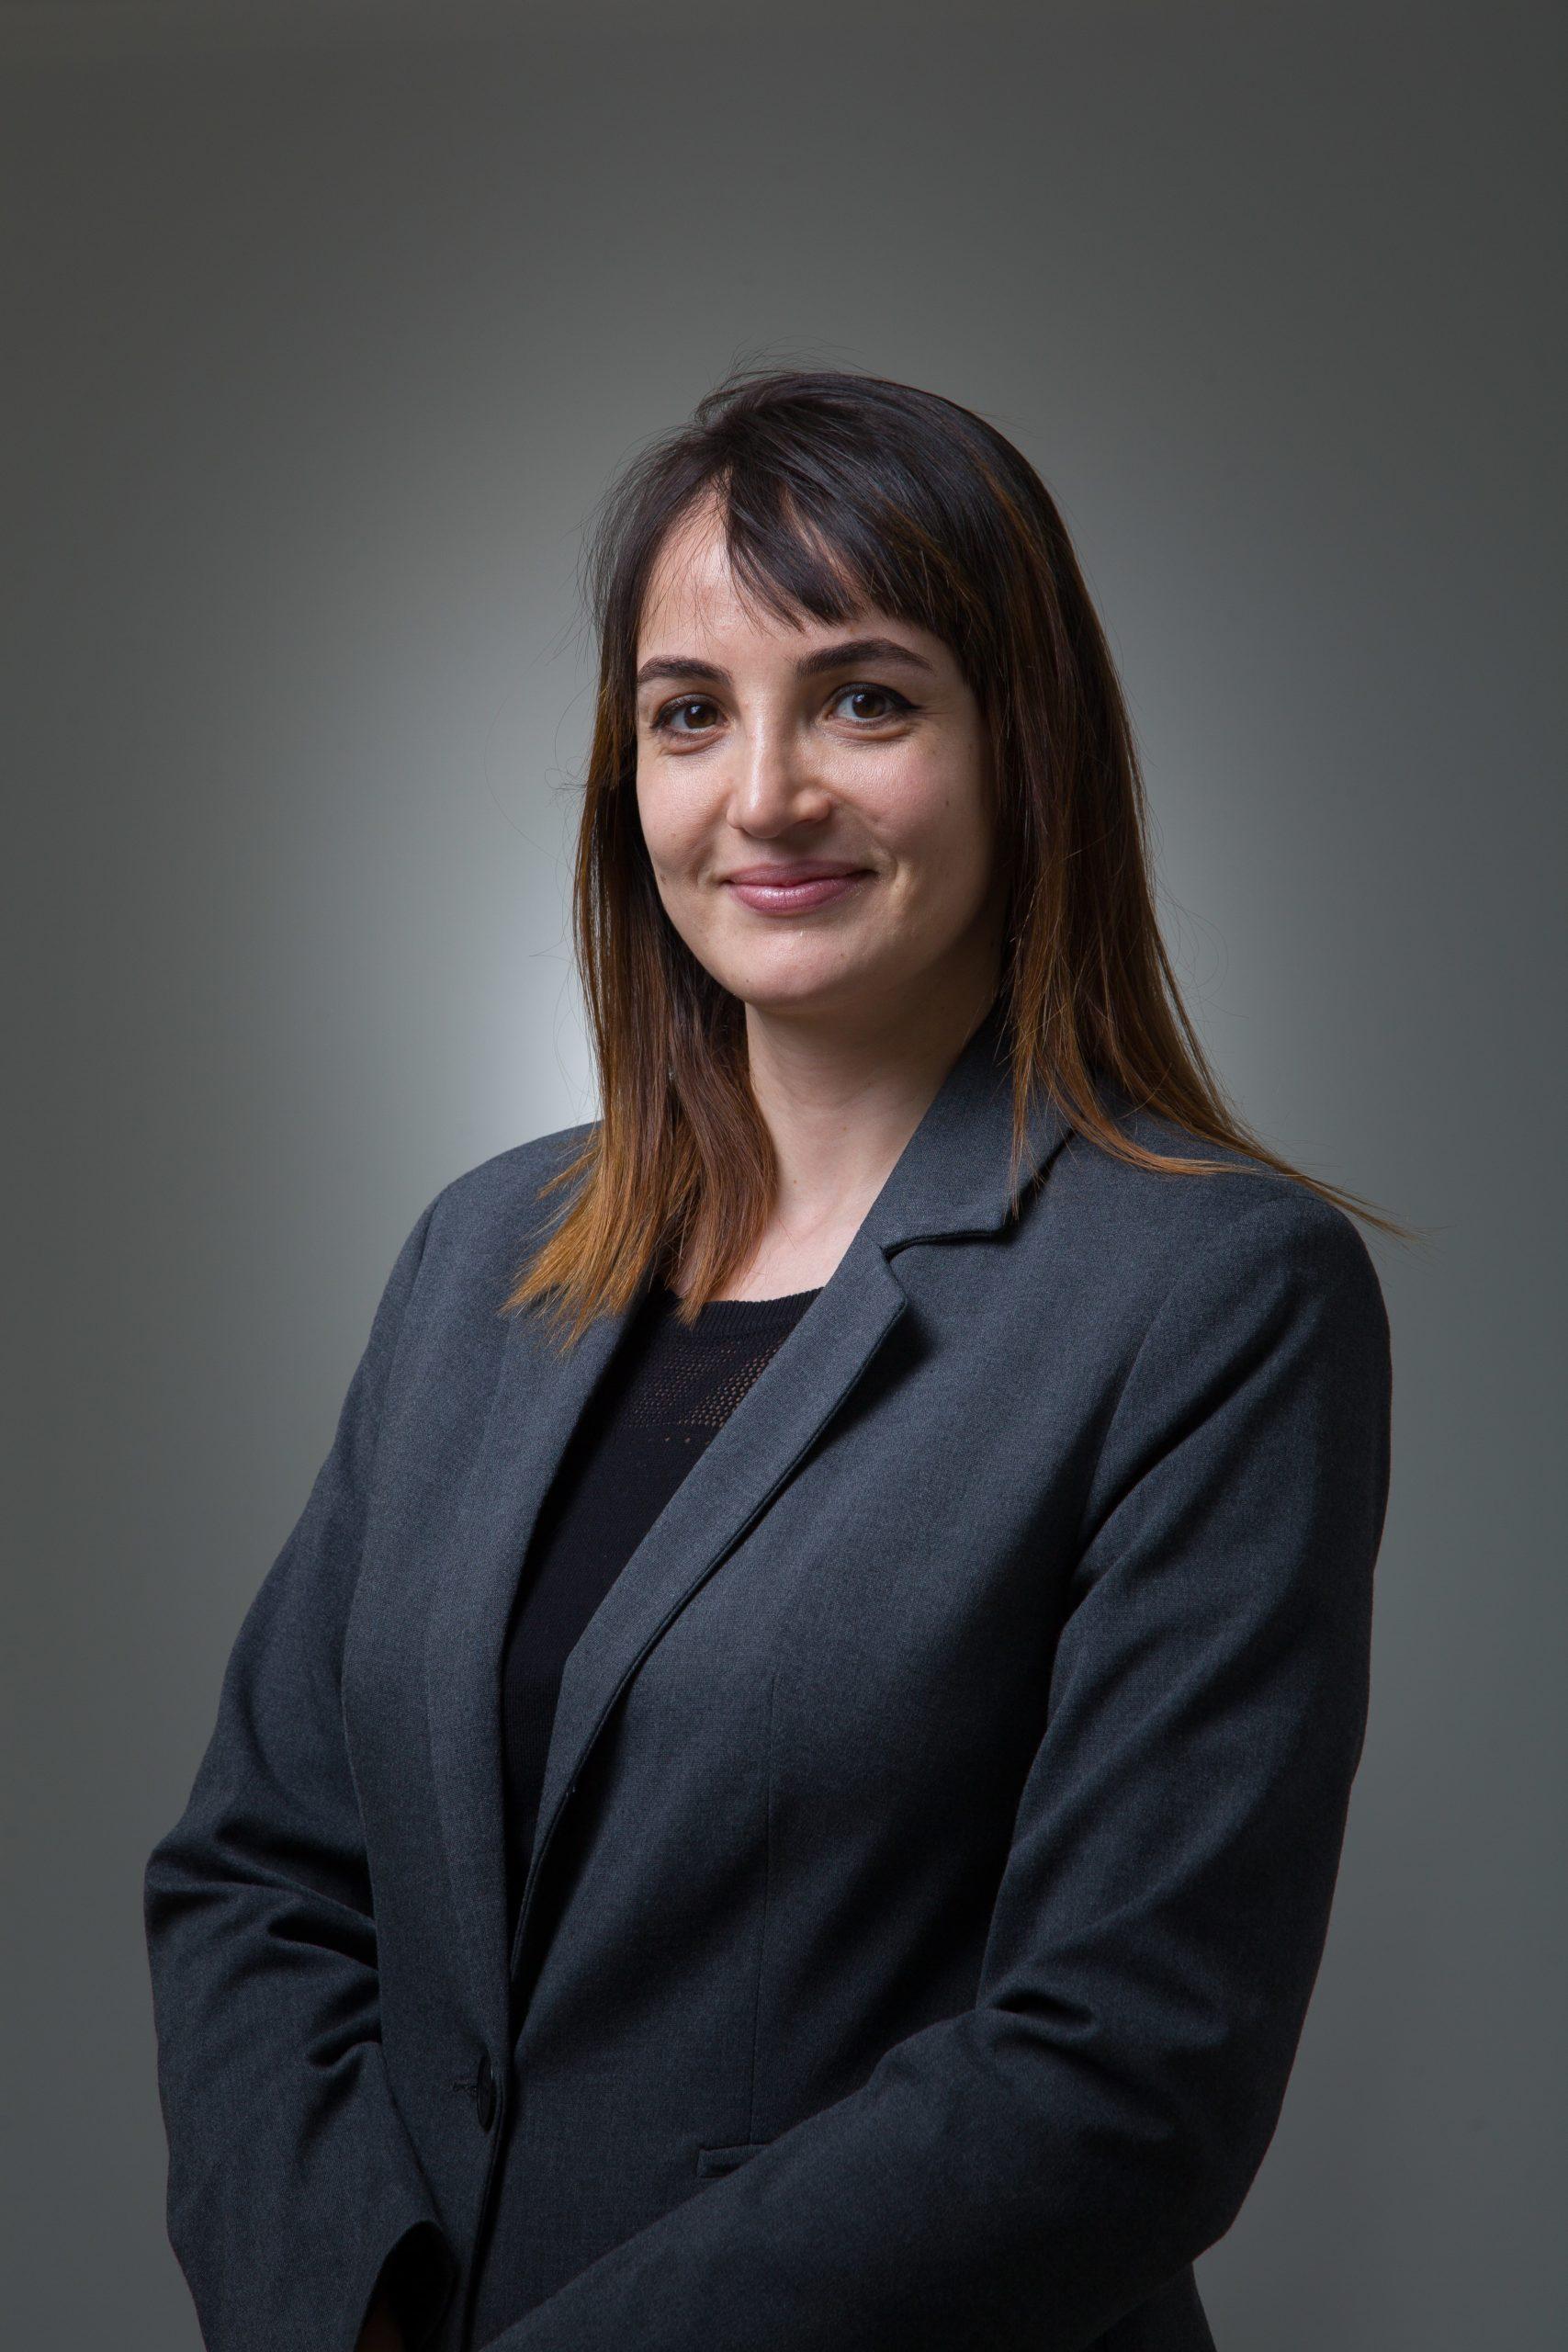 Samia Laroussi